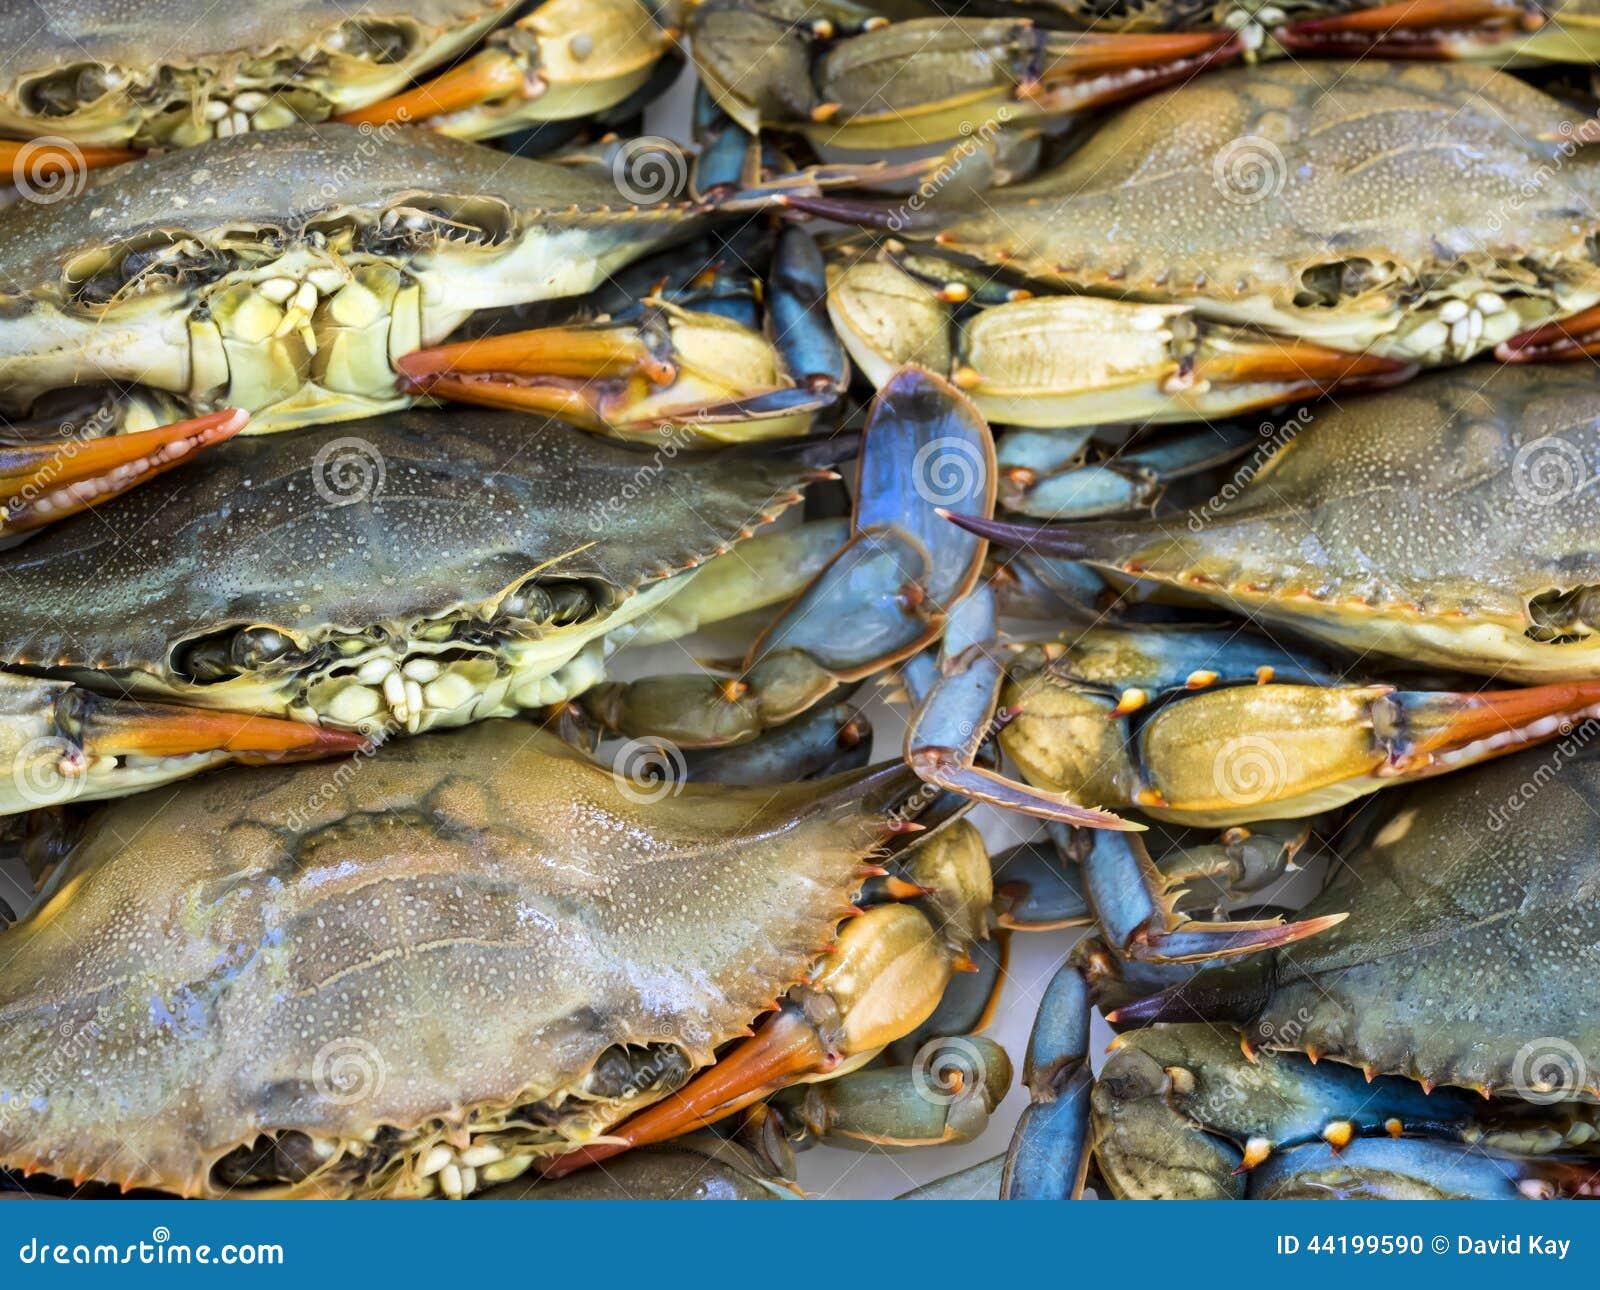 Freshwater fish maryland - Maryland Blue Crabs